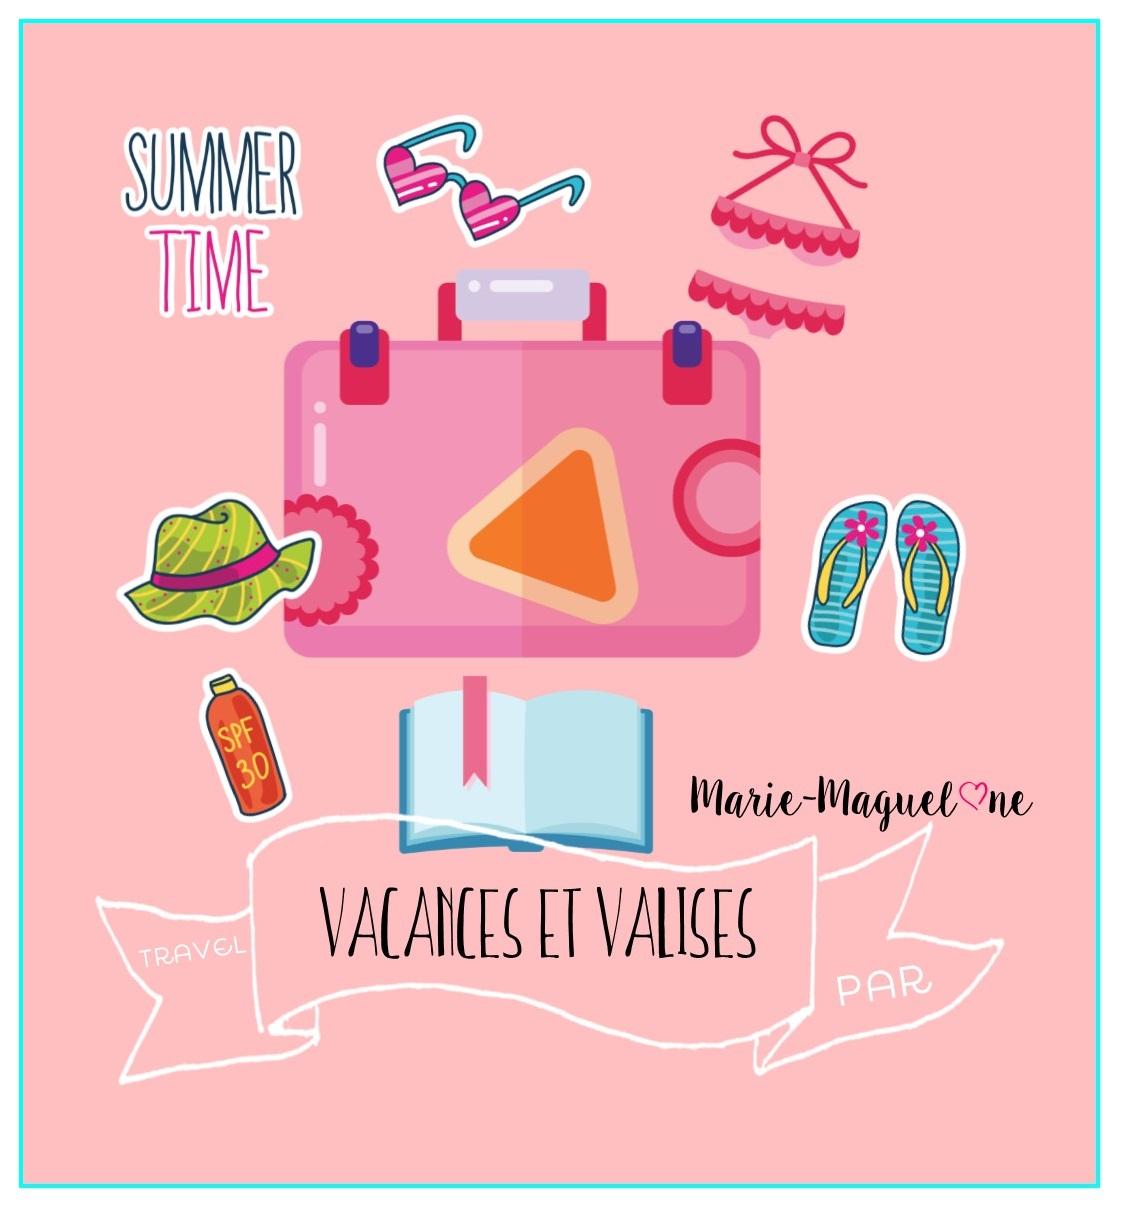 Vacances… et valise !